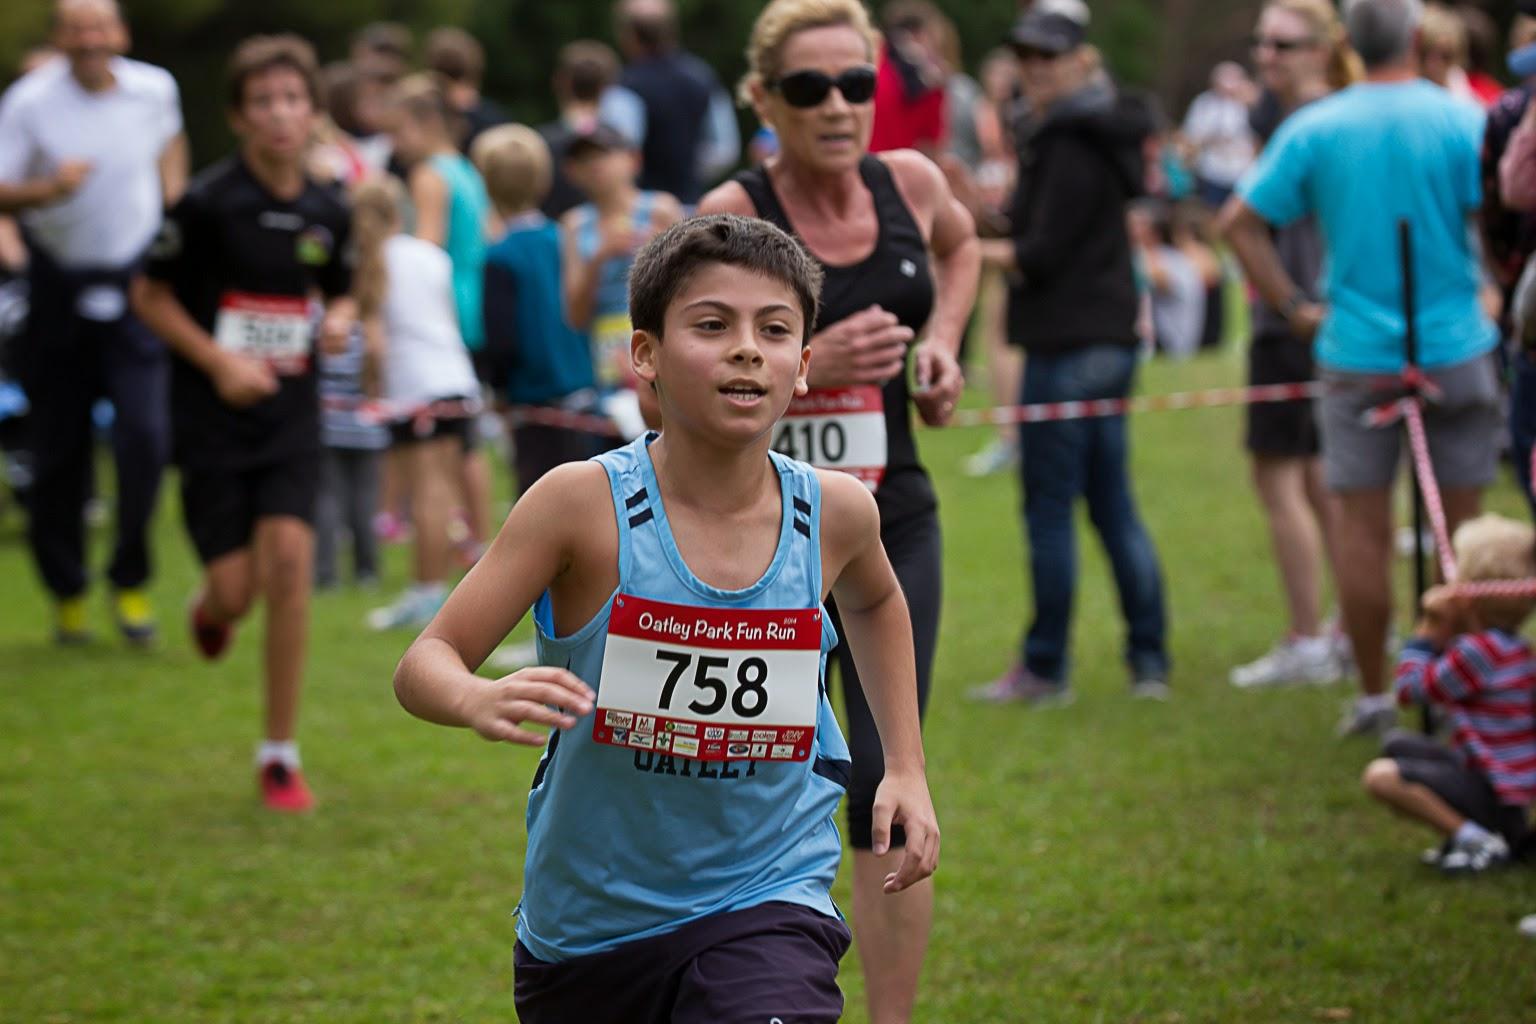 2014_Oately Fun Run_5km Finish-141.jpg